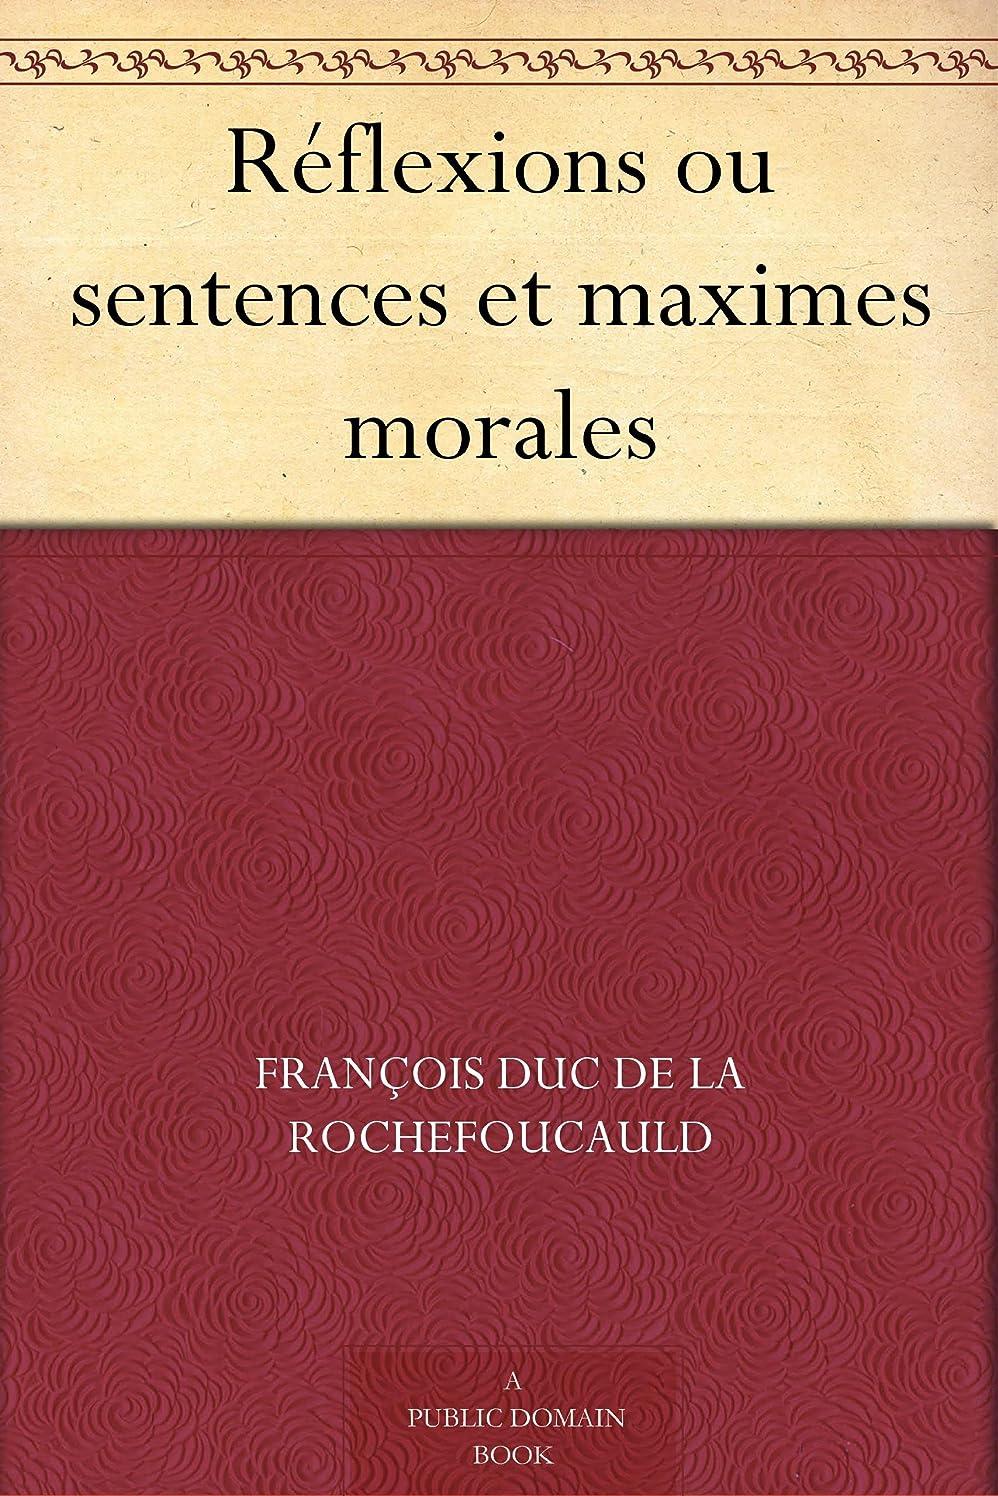 考慮ウォルターカニンガムすばらしいですRéflexions ou sentences et maximes morales (French Edition)